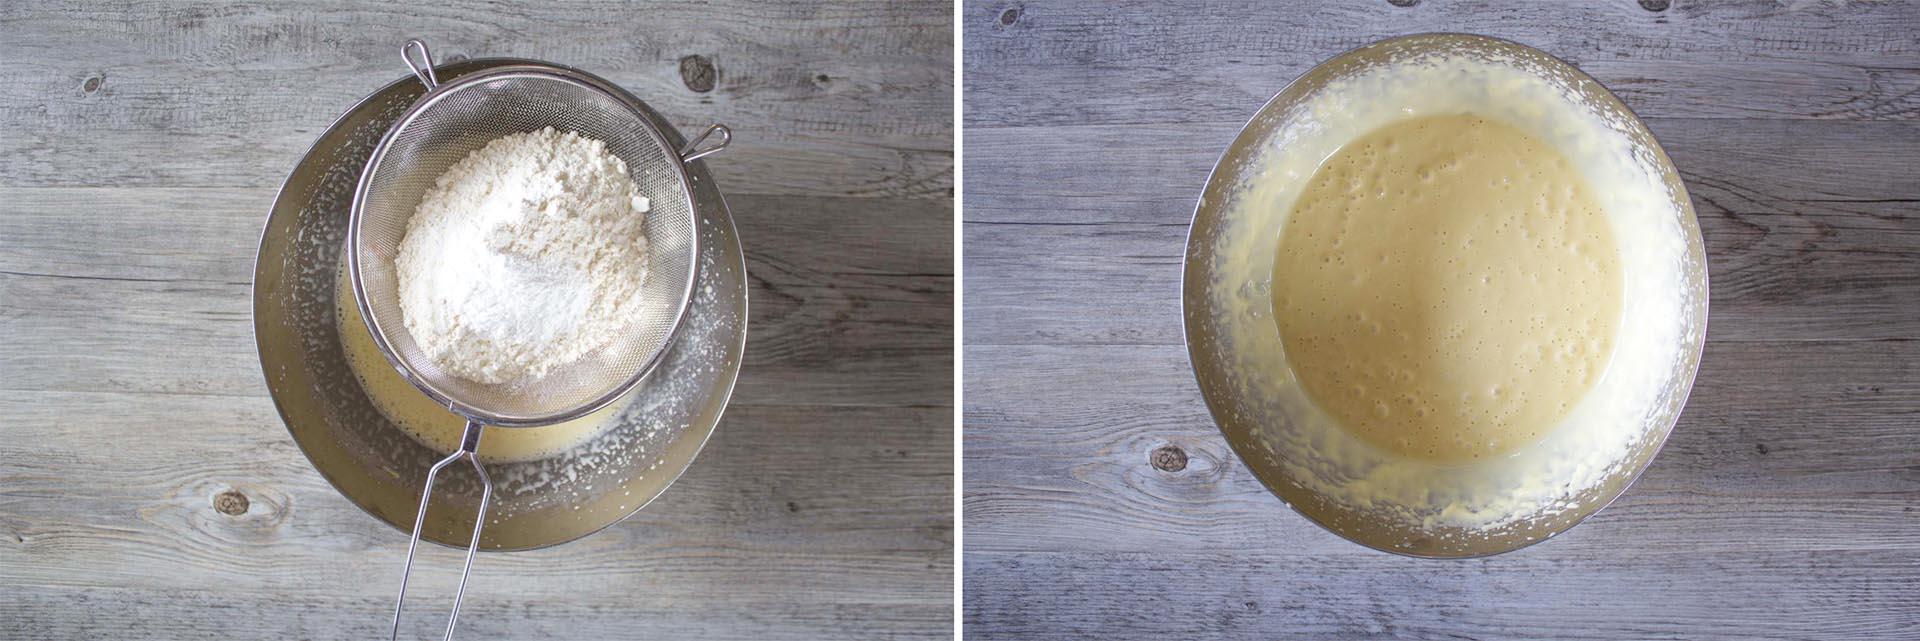 torta olio oliva arance mandorle step3